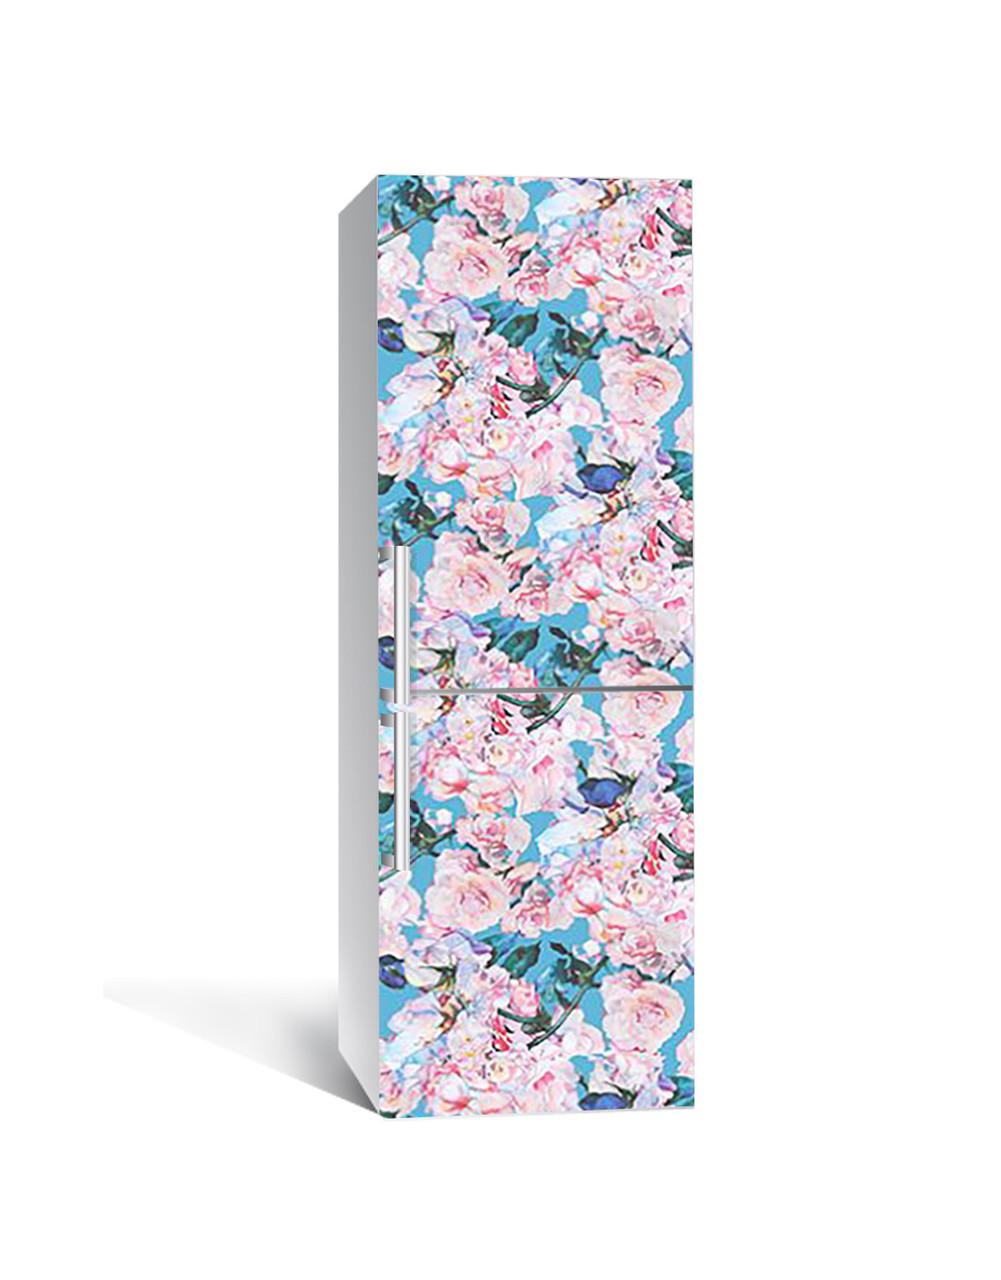 Наклейка на холодильник Бірюза і акварель троянди (плівка ПВХ з ламінуванням) 65*200см Абстракція Рожевий